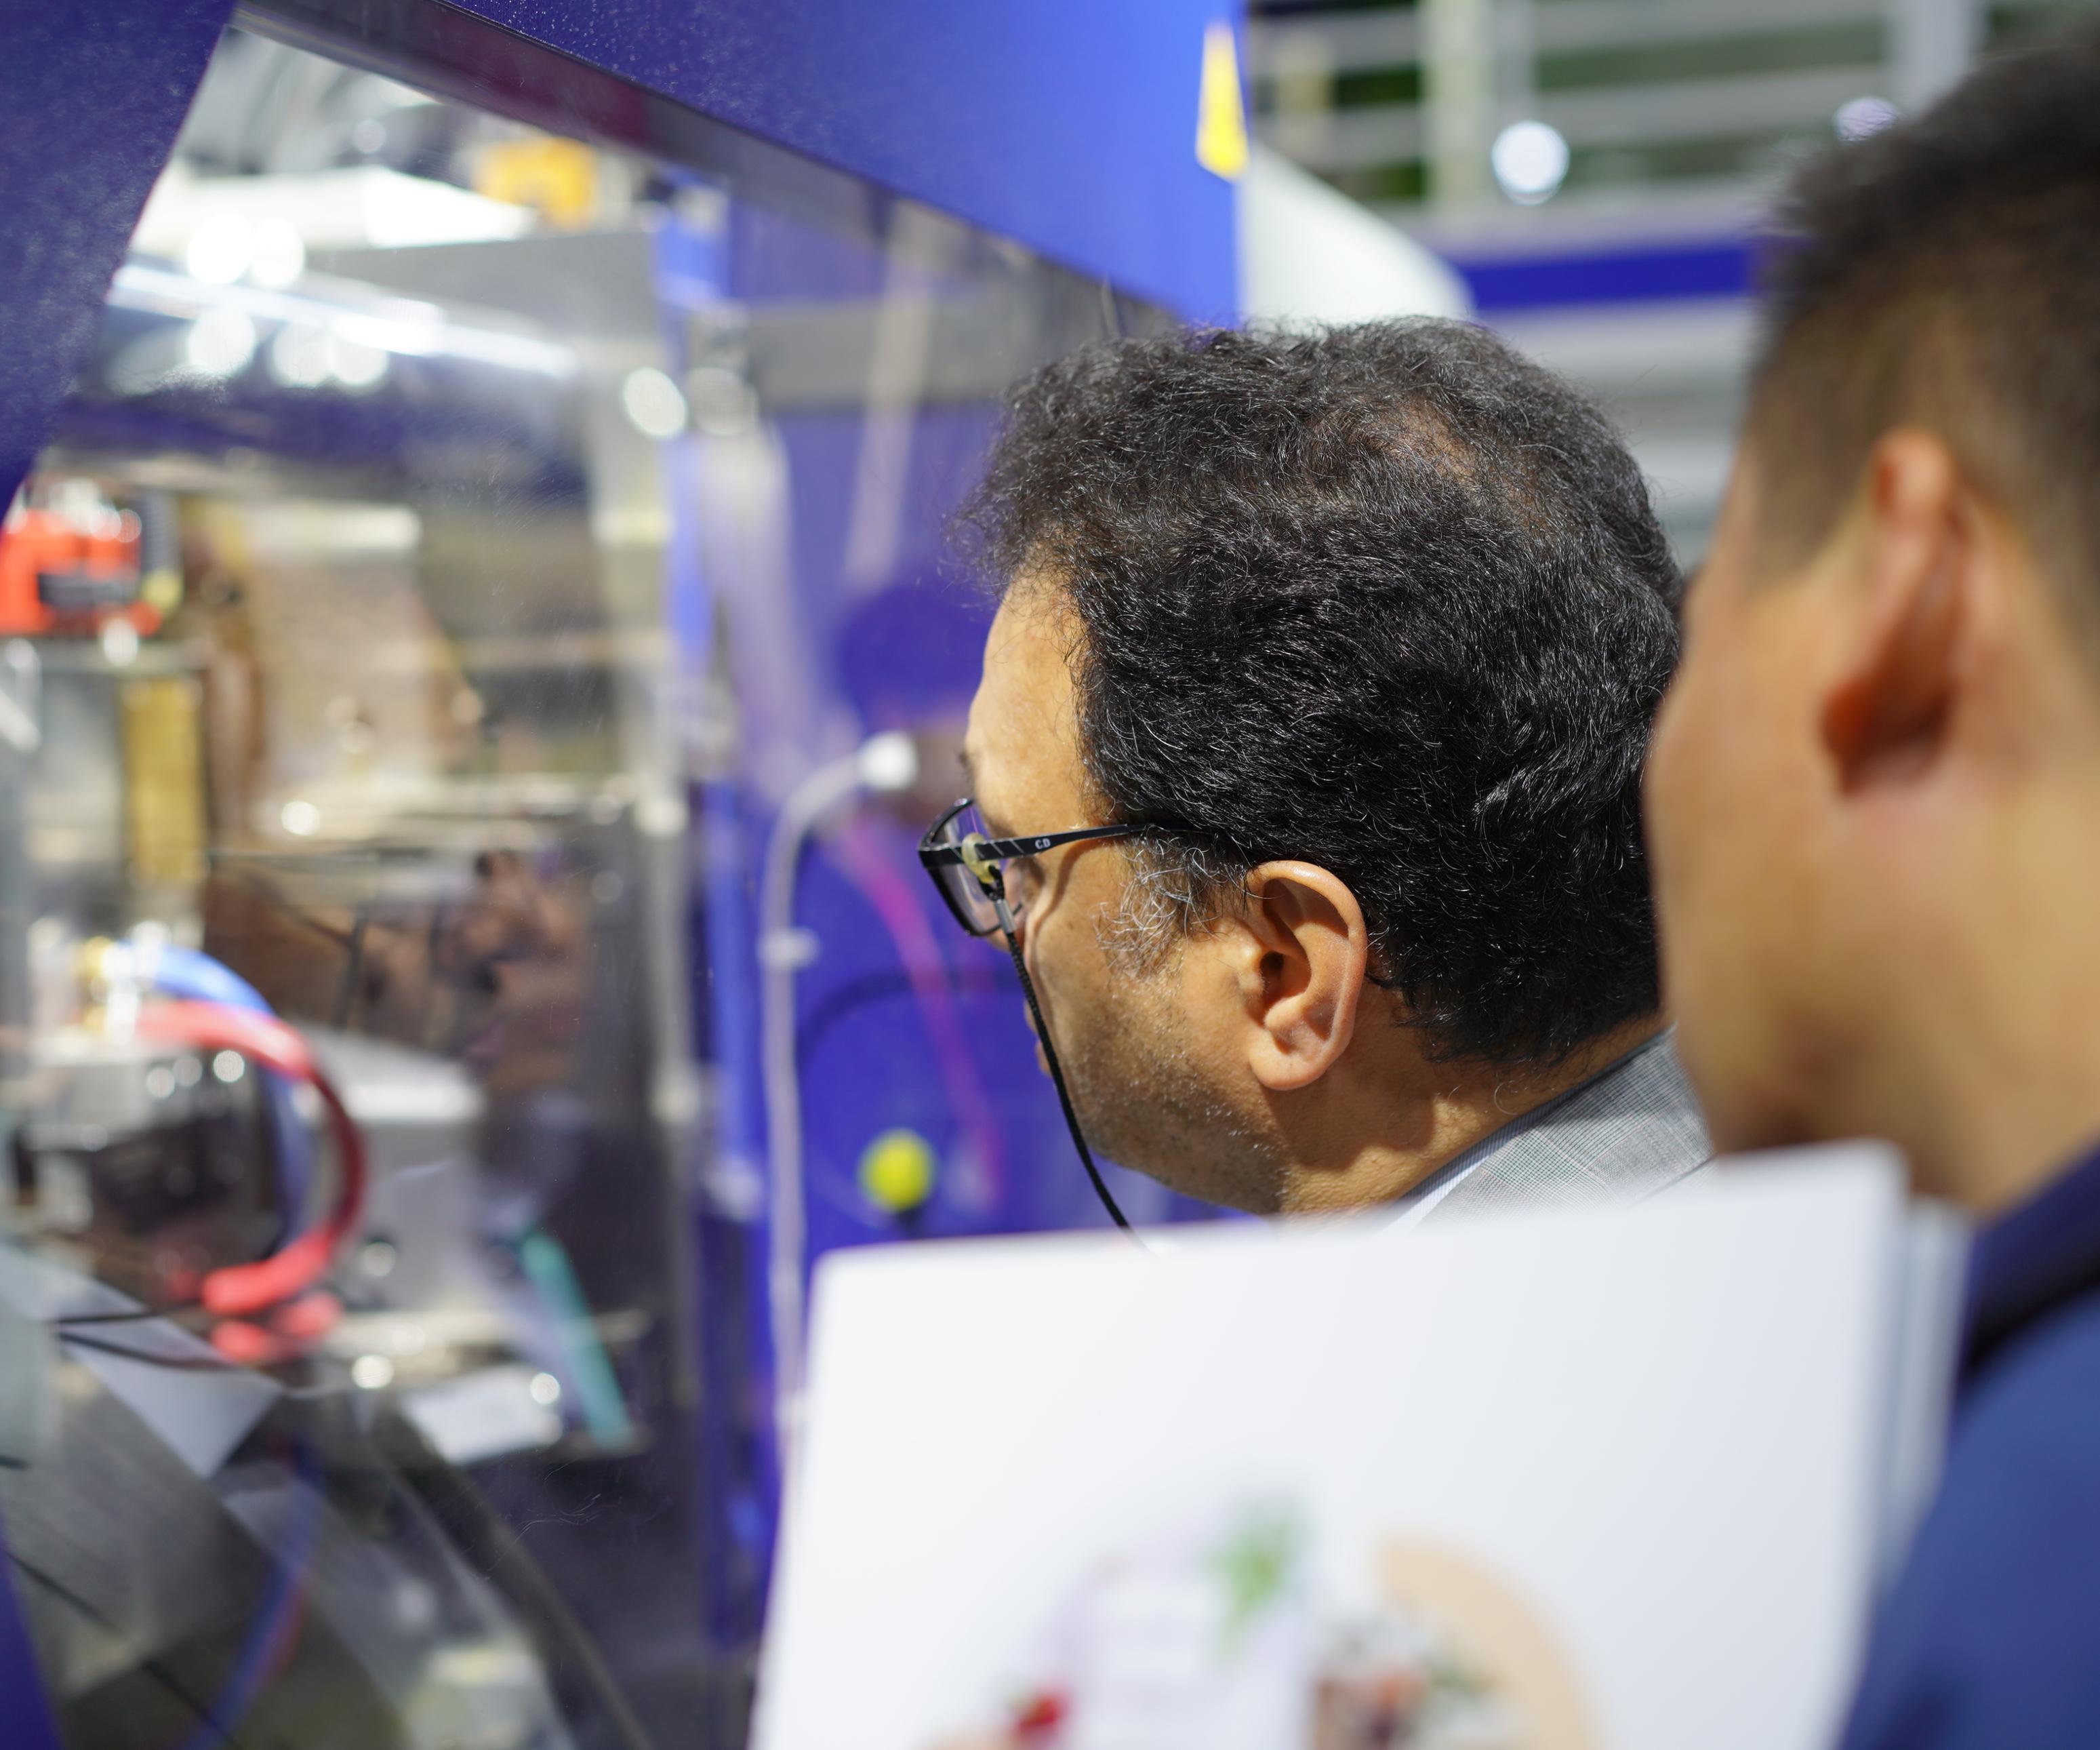 La adopción de herramientas y estrategias digitales promete reinventar la industria.